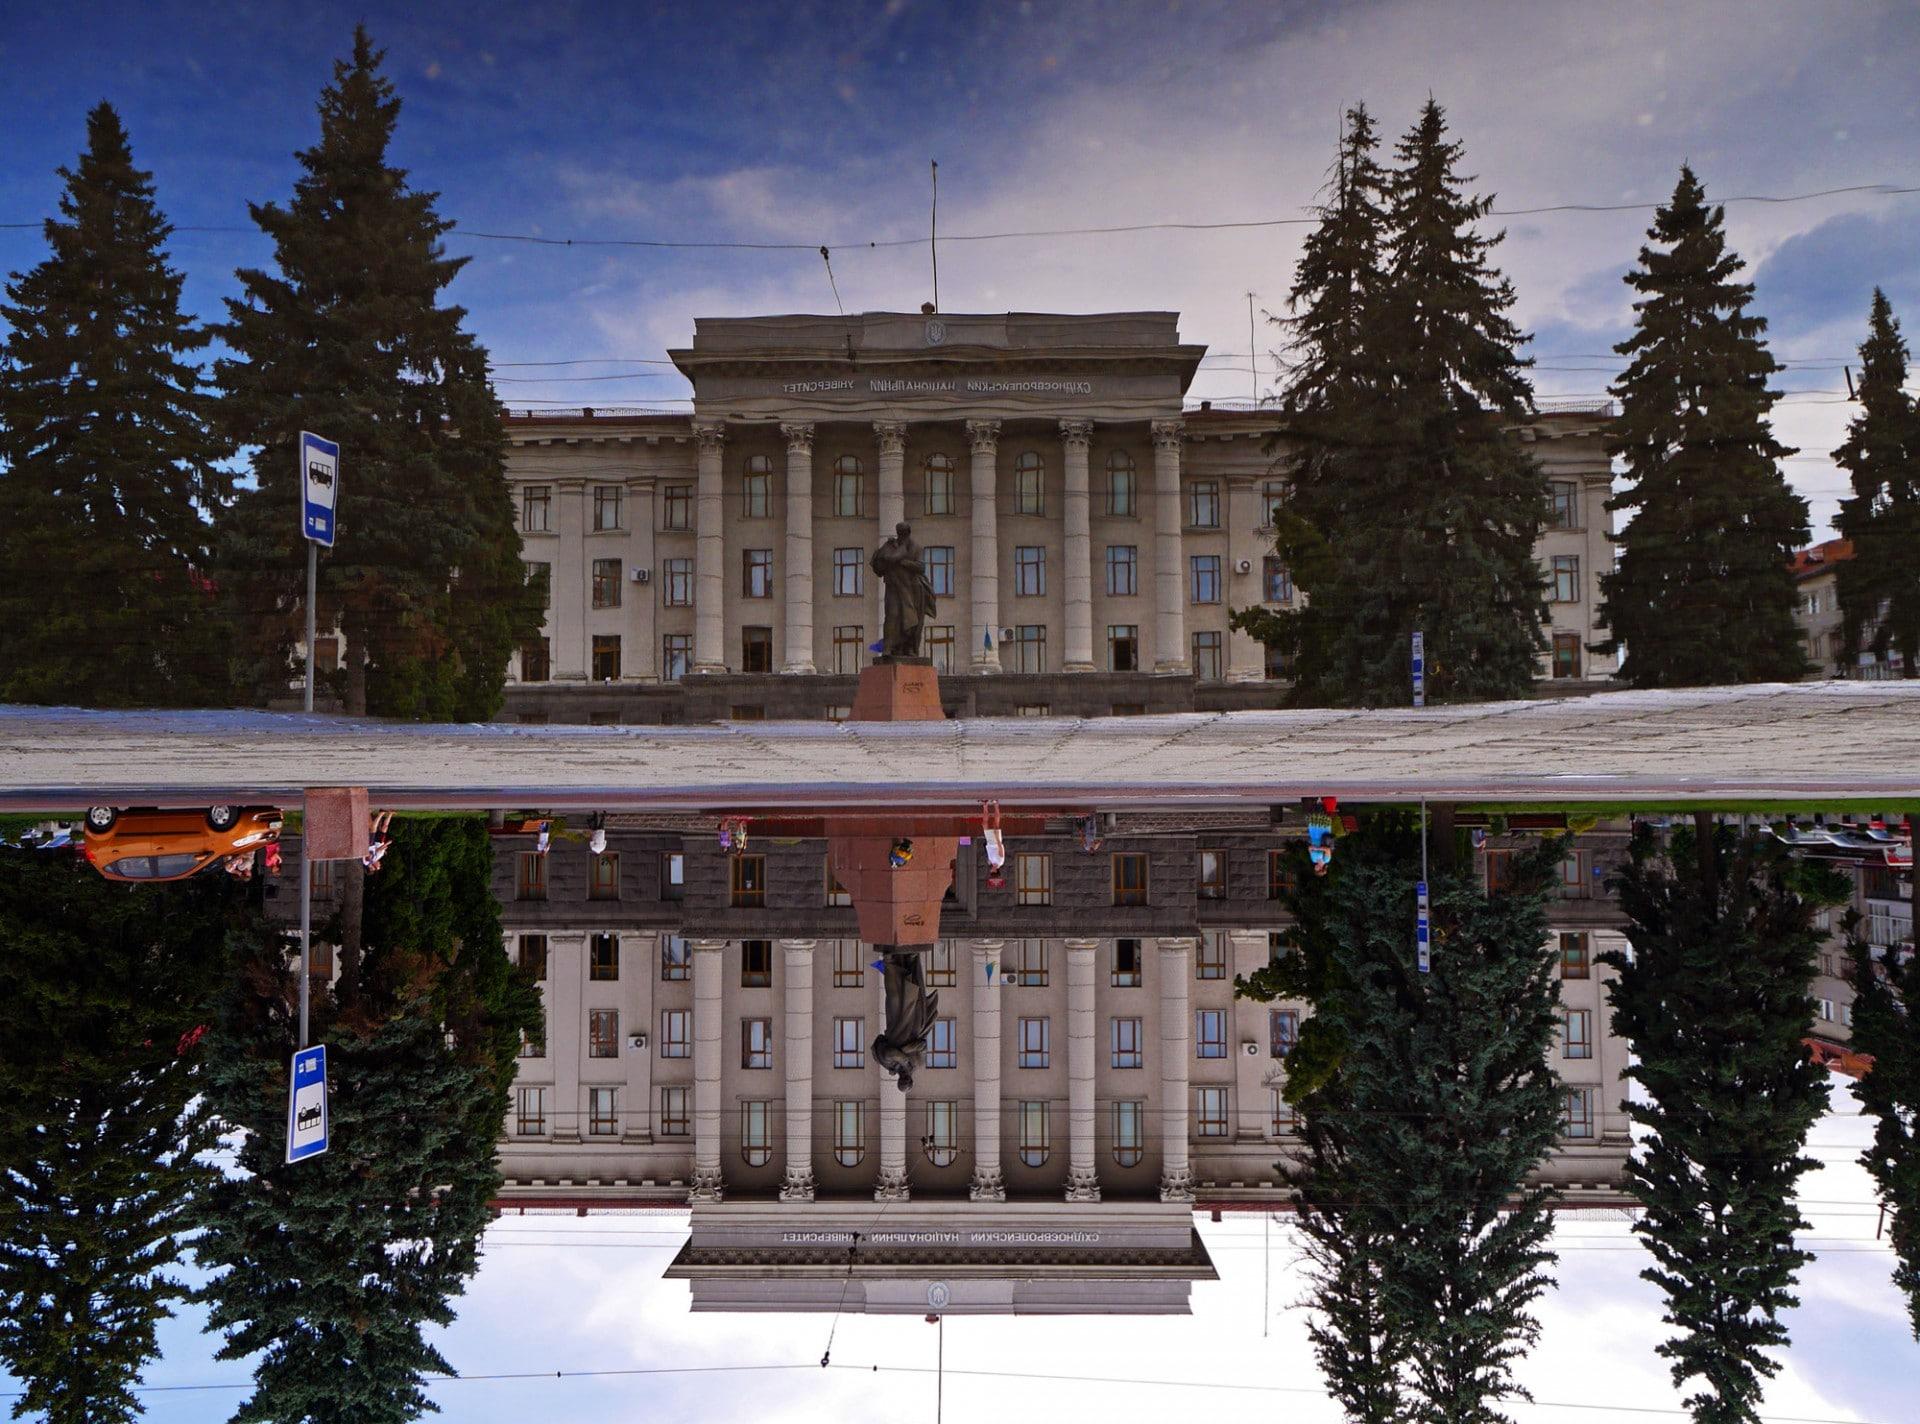 Локальне SEO: створення та просування сайту у Луцьку